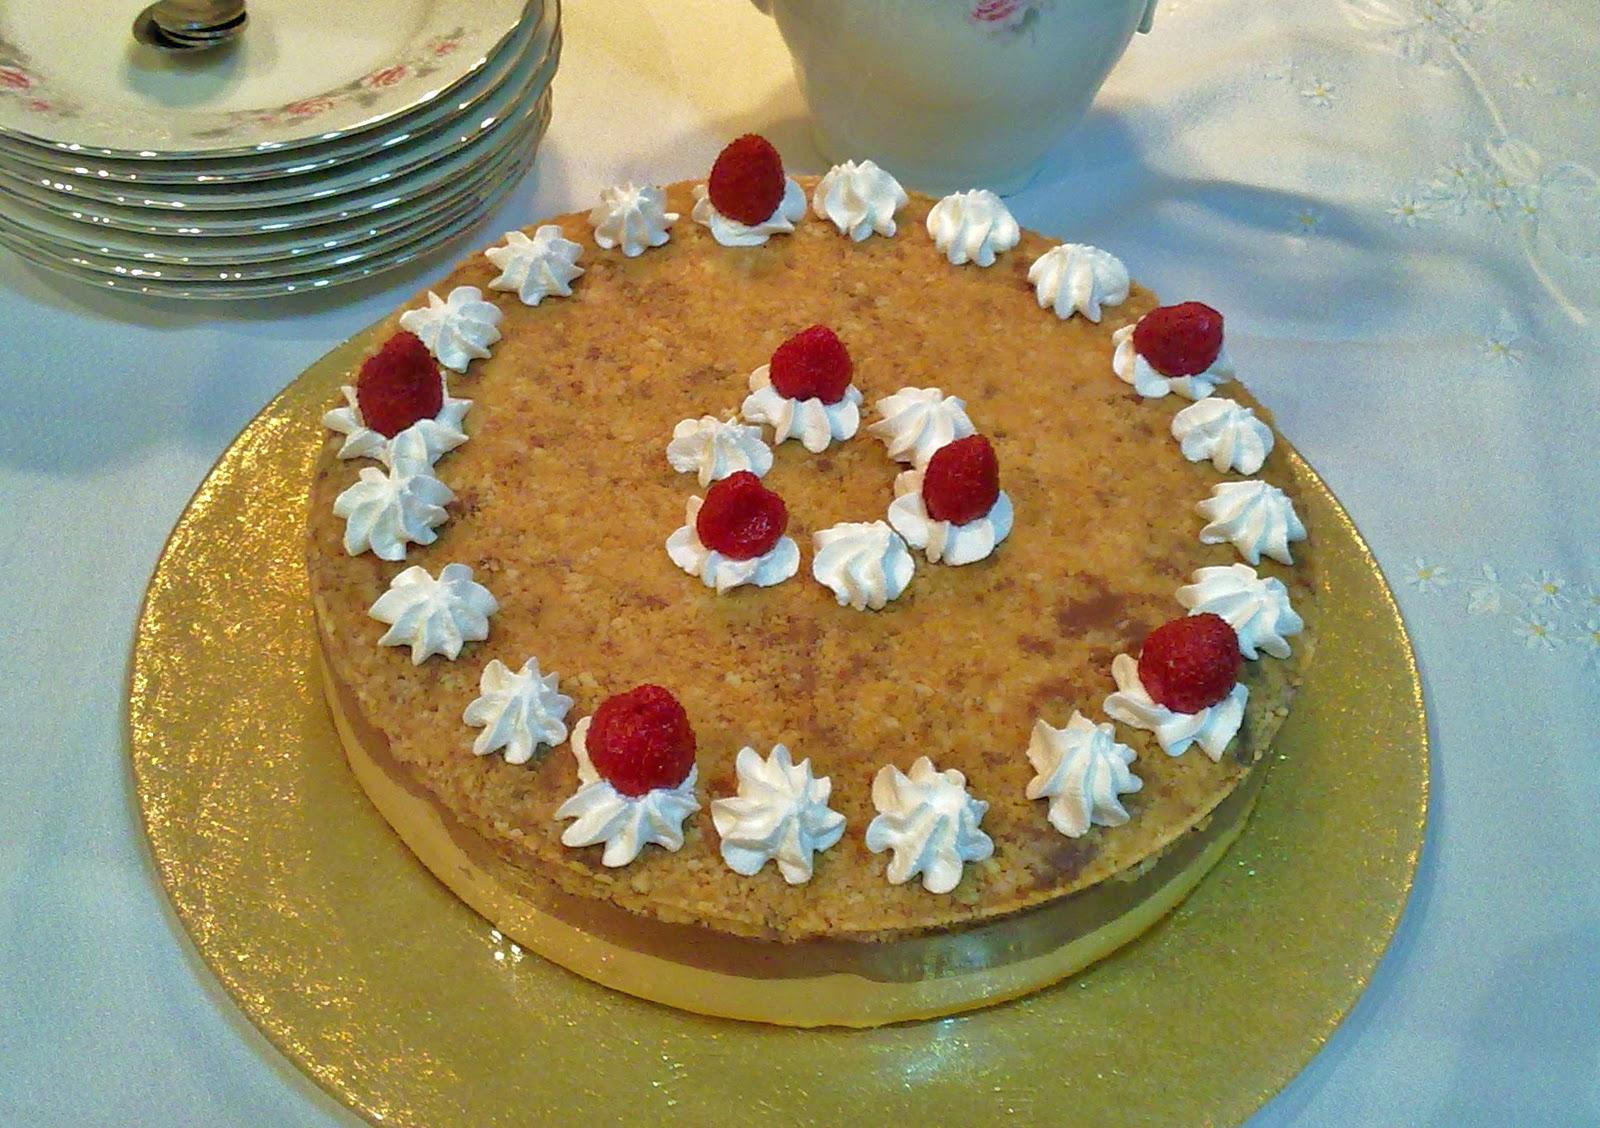 Desayuno o almuerzo..?-http://4.bp.blogspot.com/_DOOybfSoqgM/TTHzLGSTTnI/AAAAAAAAACw/5Lai_q9NdmA/s1600/Tartas+001.jpg